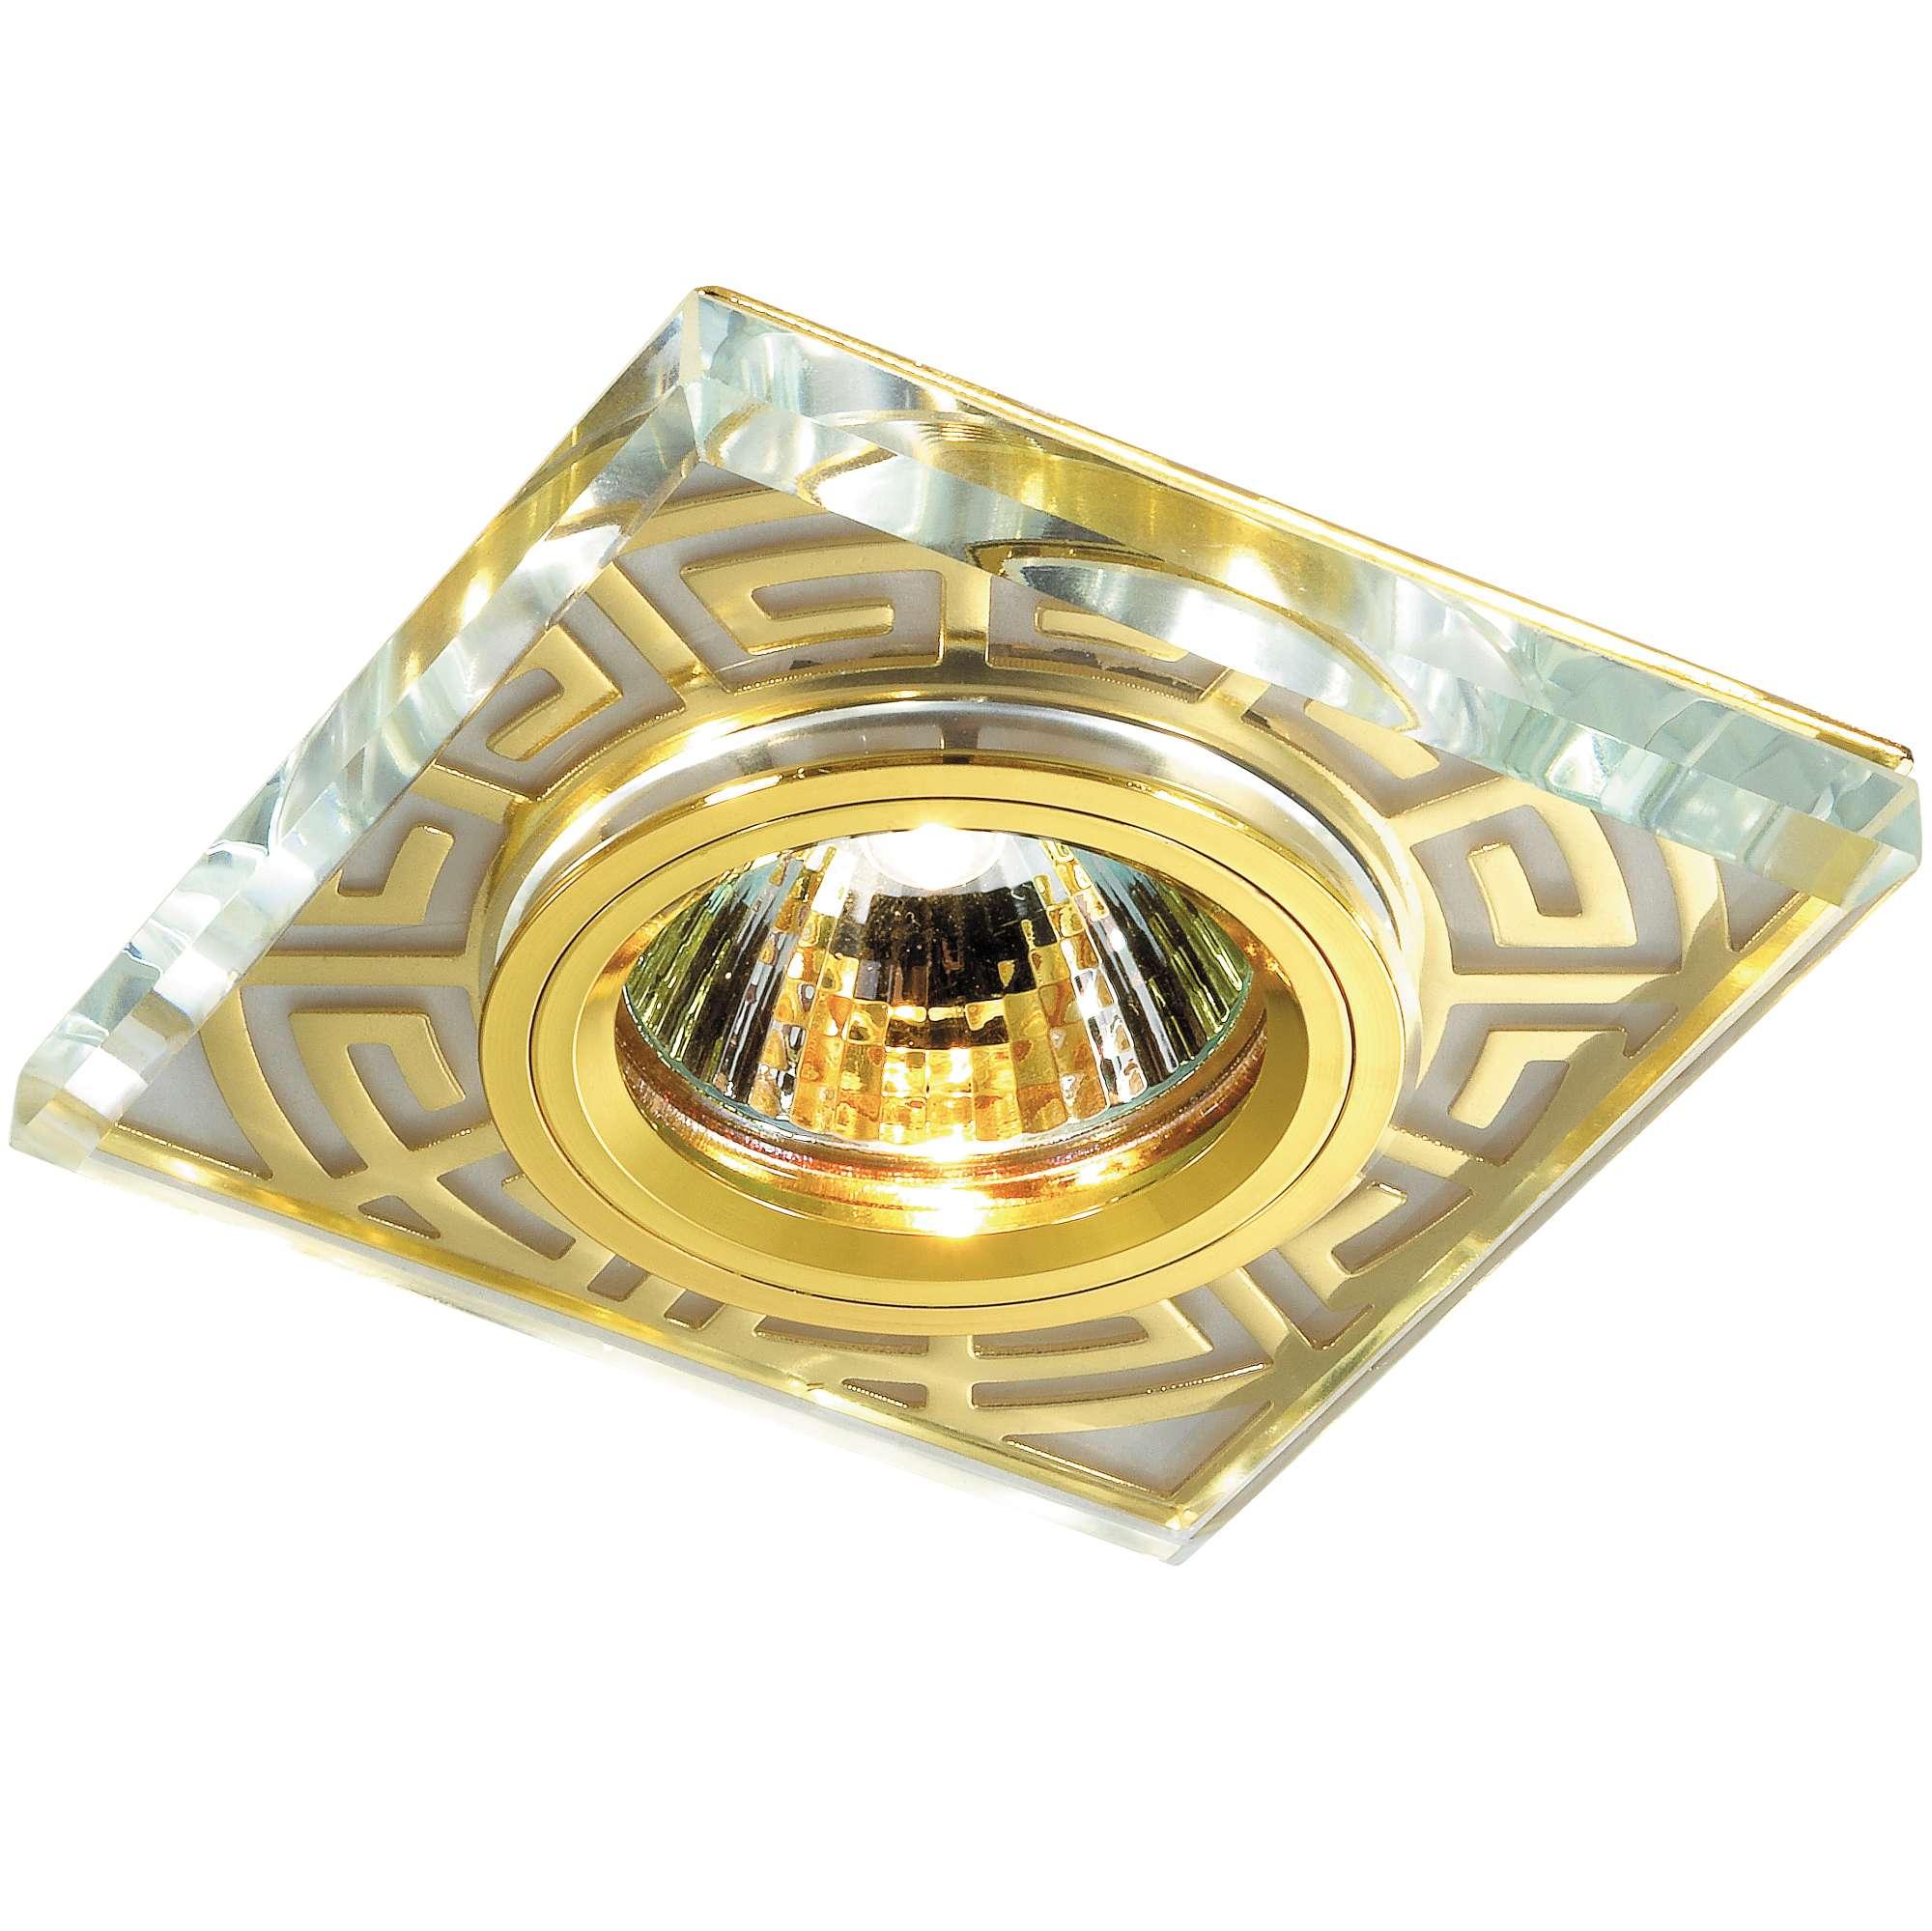 цена на Светильник встраиваемый Novotech Maze nt12 131 369585